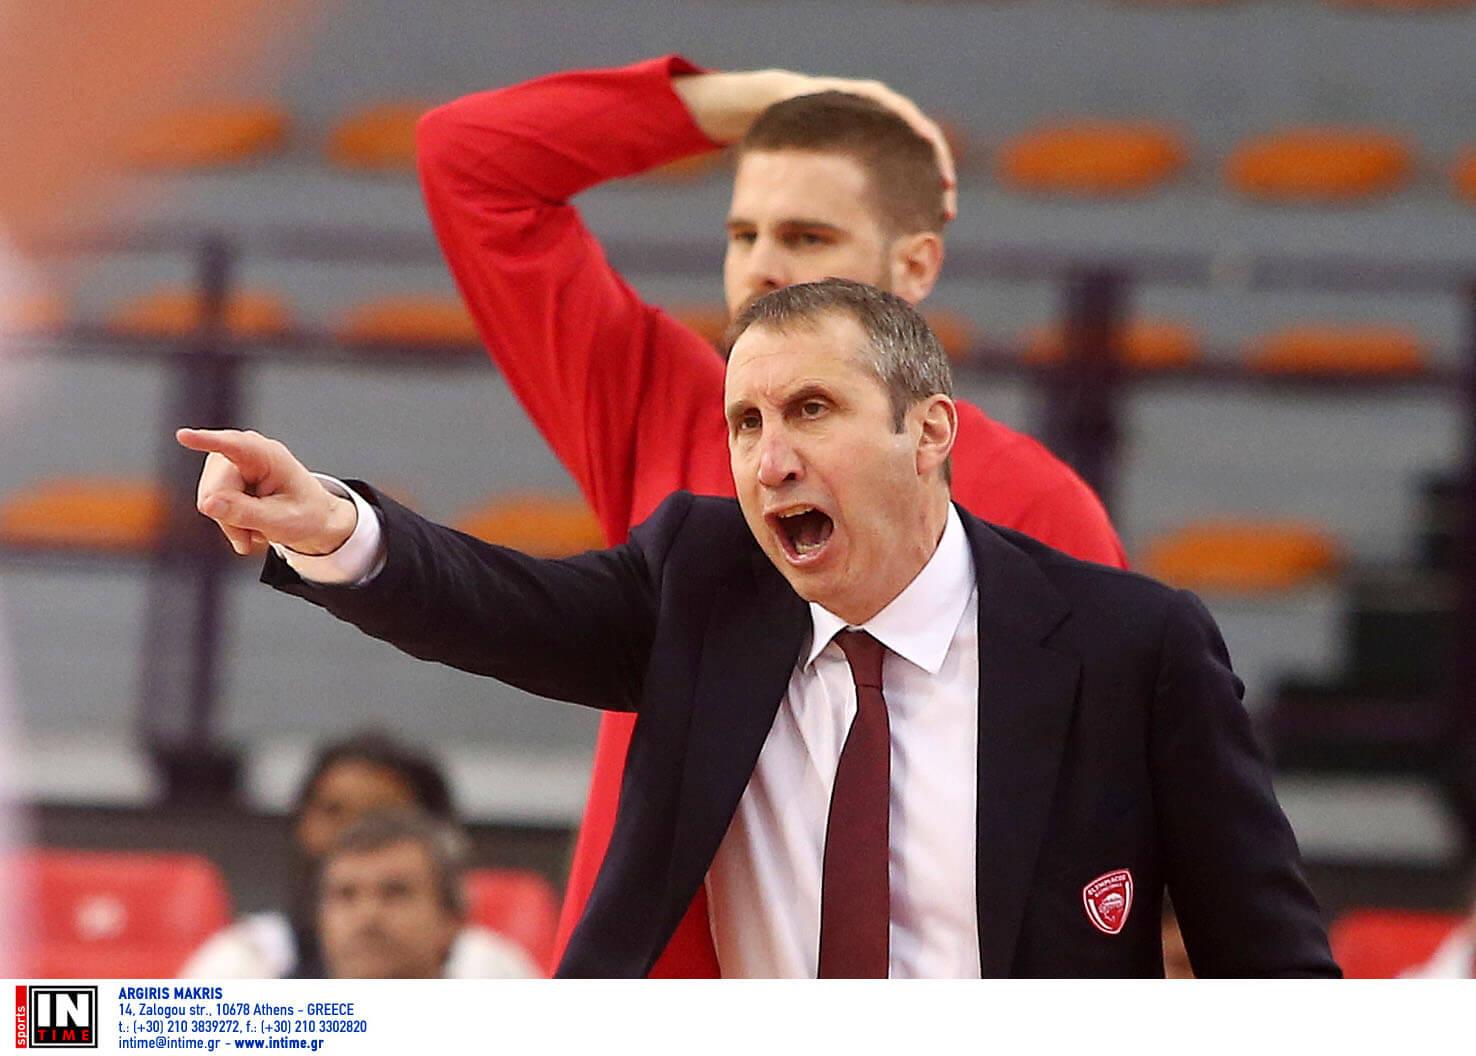 """Ολυμπιακός: Τα… έχωσε ο Μπλατ! """"Ντροπή και έλλειψη σεβασμού η διαιτησία στο ΟΑΚΑ"""""""